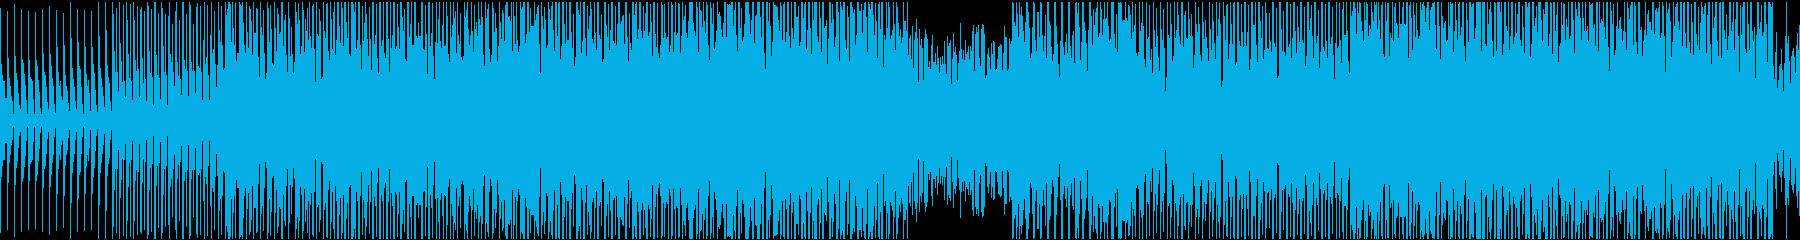 [ループ]ダンスミュージック5 2分の再生済みの波形